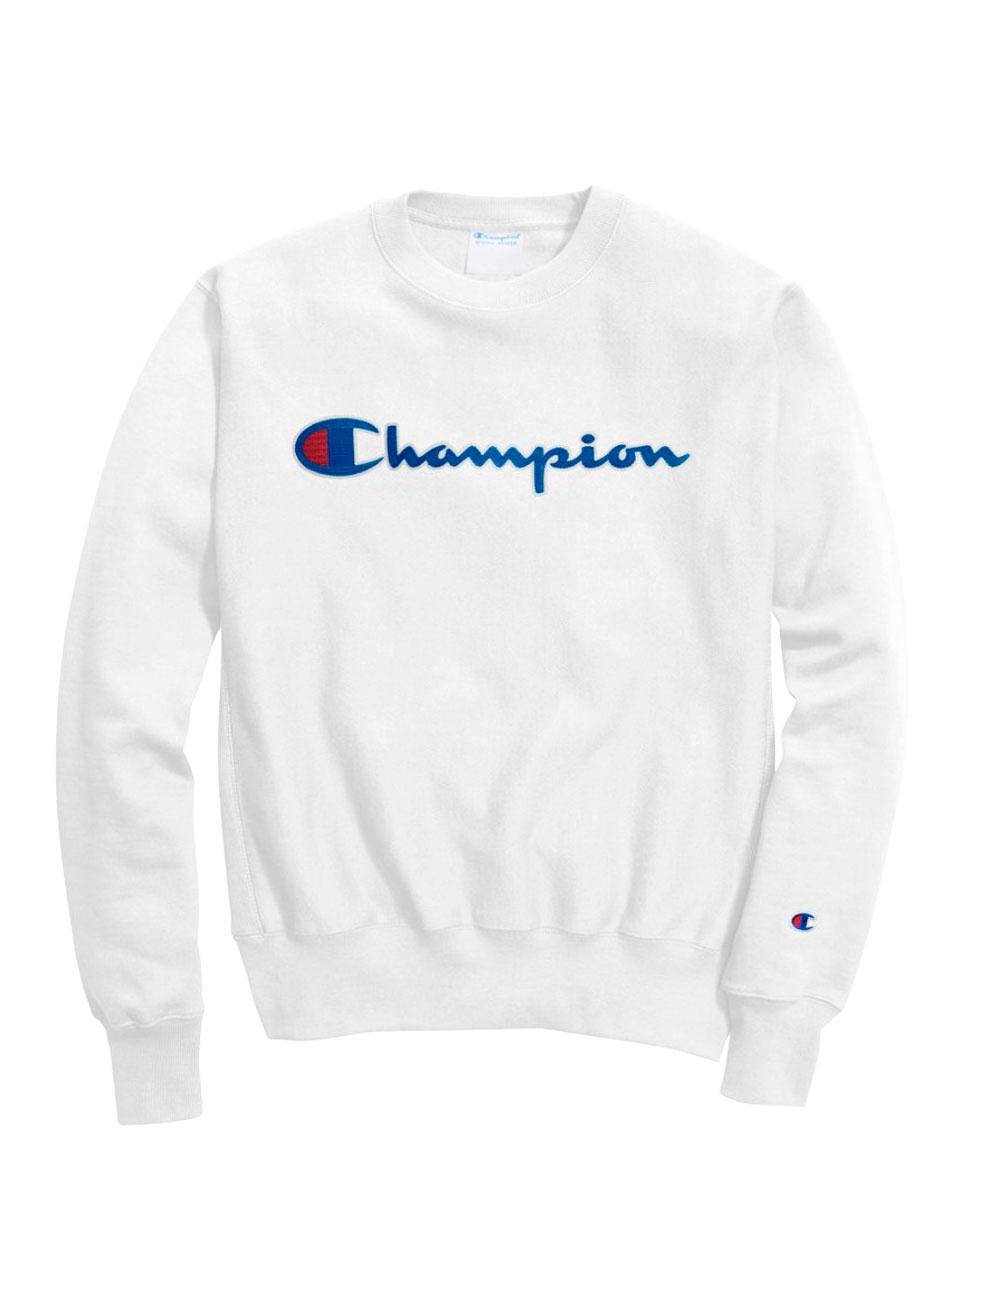 newest d4030 8100e Klassischer Herren-Pullover von Champion, weiss